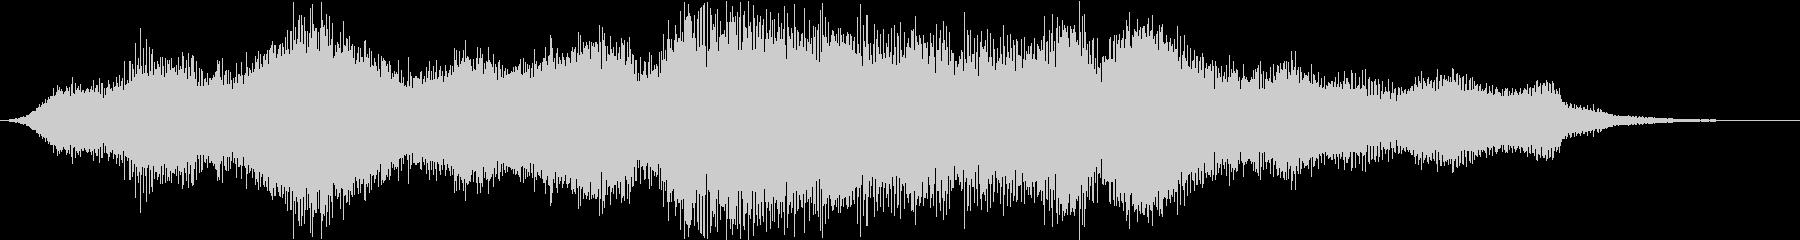 オーケストラによるサウンドロゴ、ジングルの未再生の波形